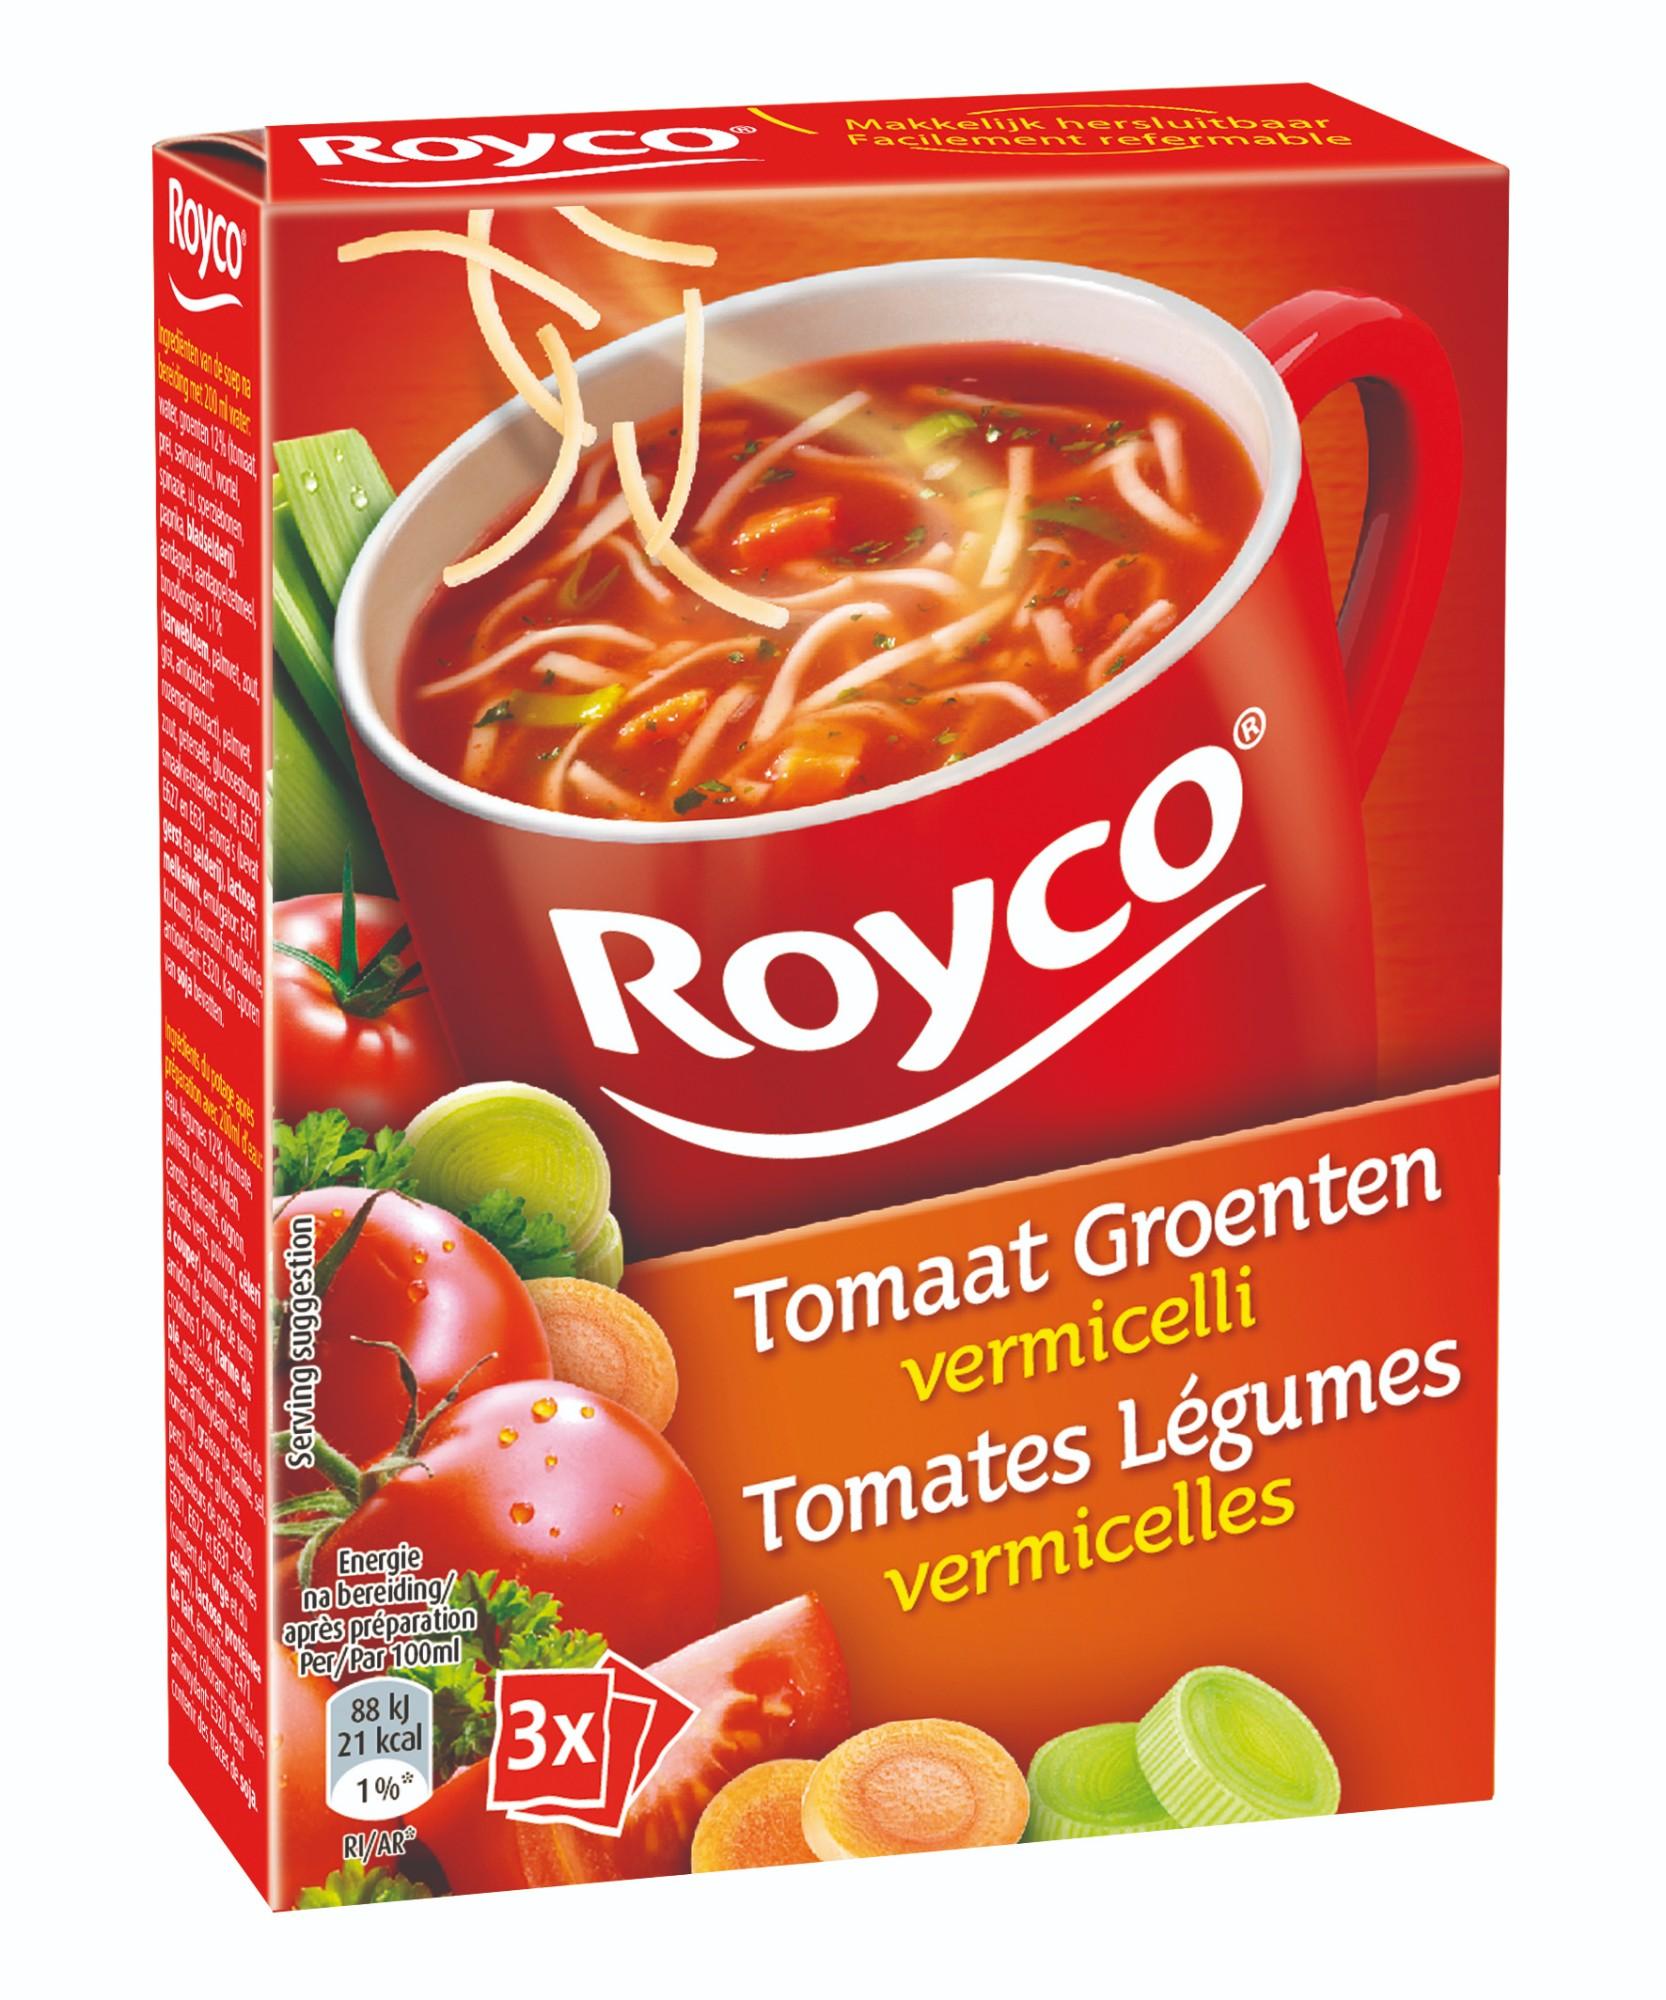 Greitai paruošiama pomidorų sriuba su daržovėmis ir vermišeliais, ROYCO, 3 pak.